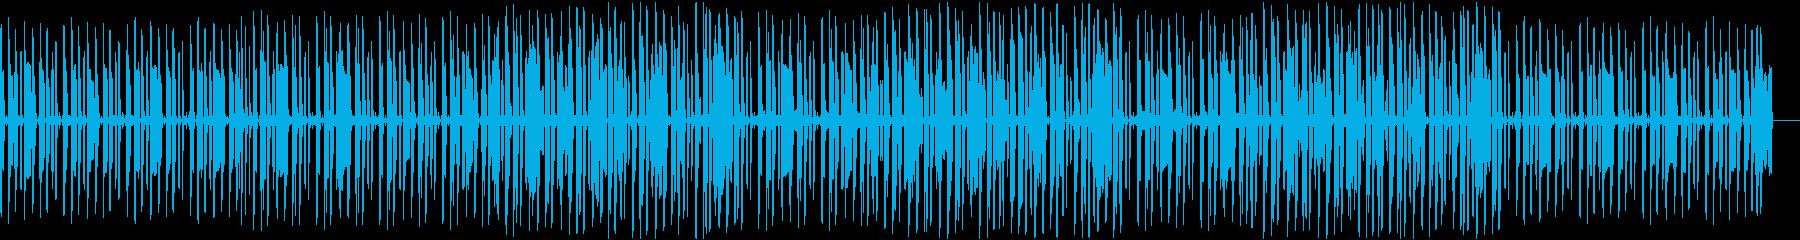 謎解き・推理・探偵・サスペンスの再生済みの波形